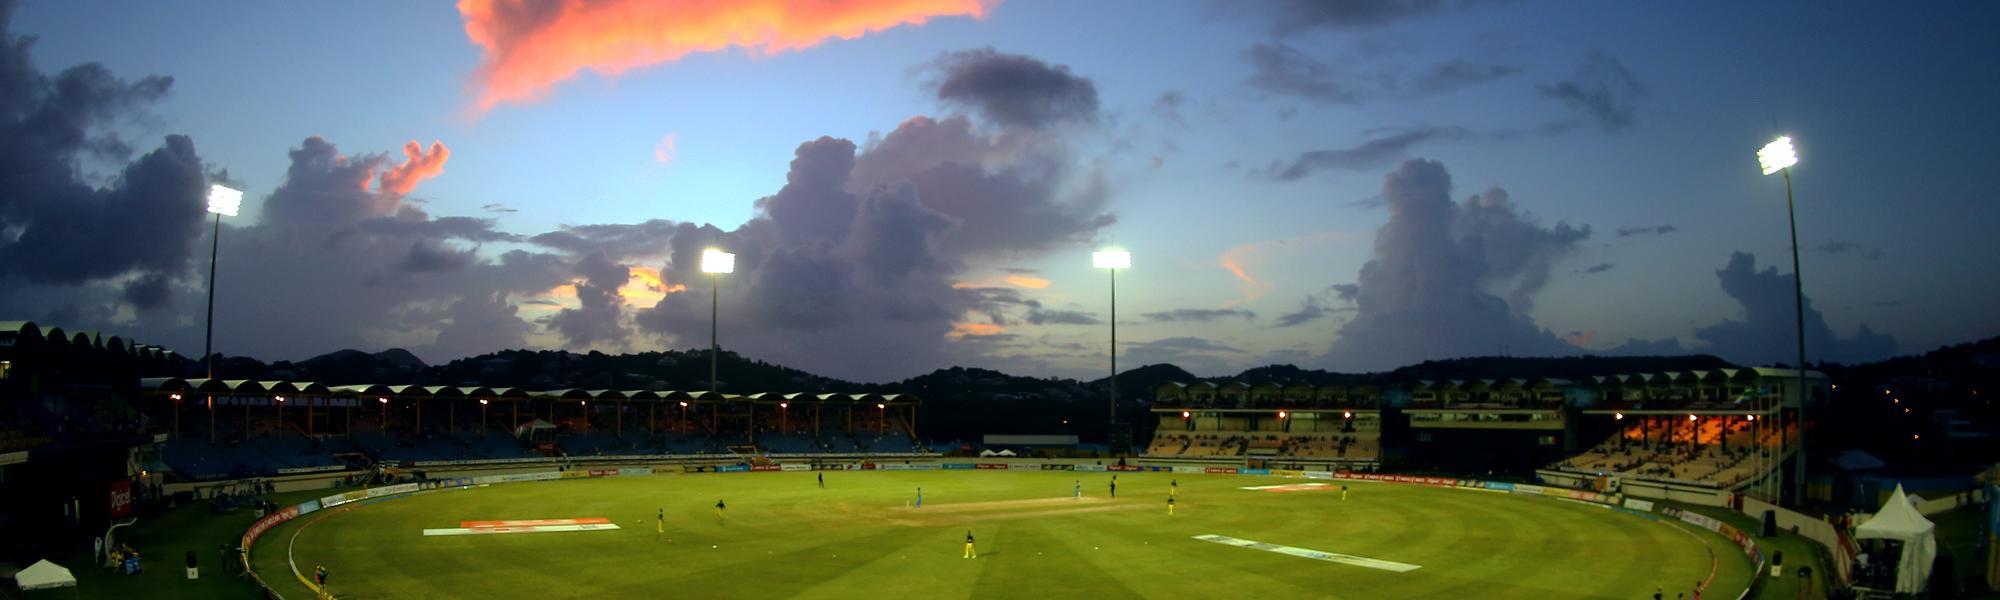 Darren Sammy Cricket Stadium